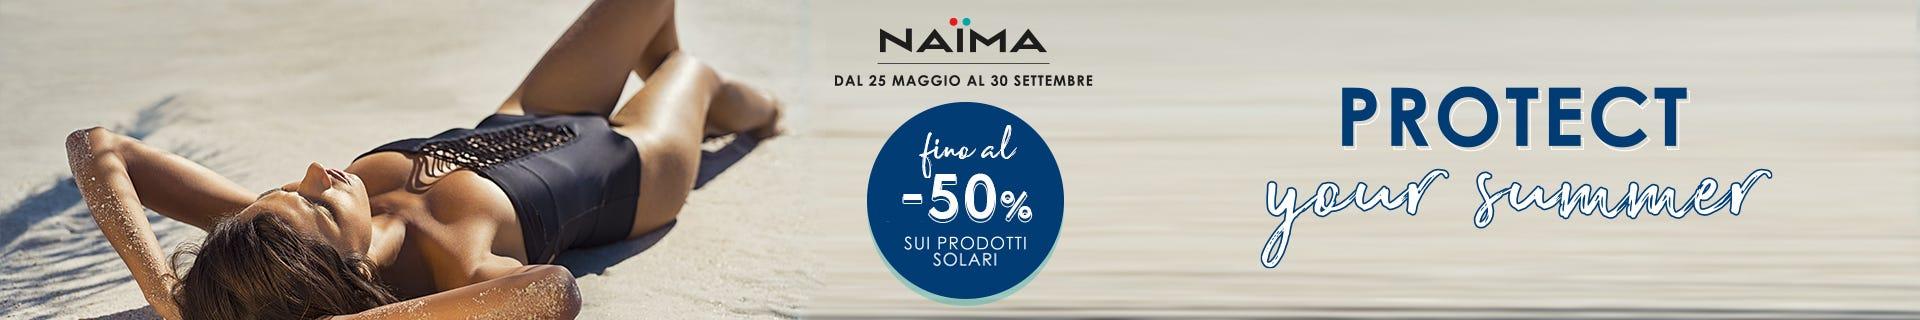 Naima - Prodotti per capelli